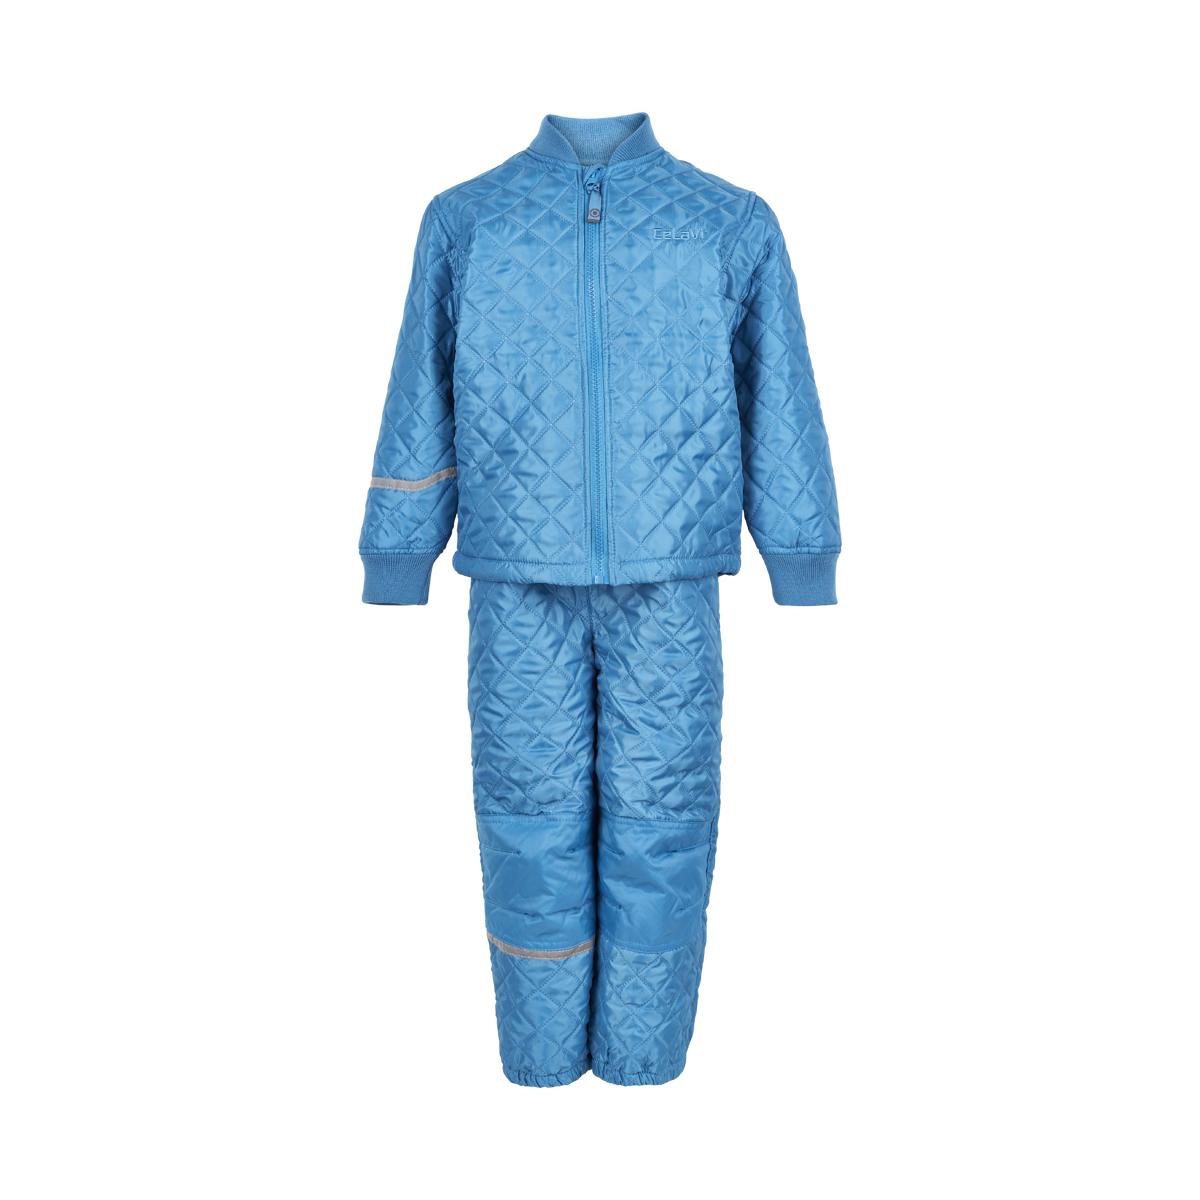 CeLaVi dětský termo oblek 3555-728